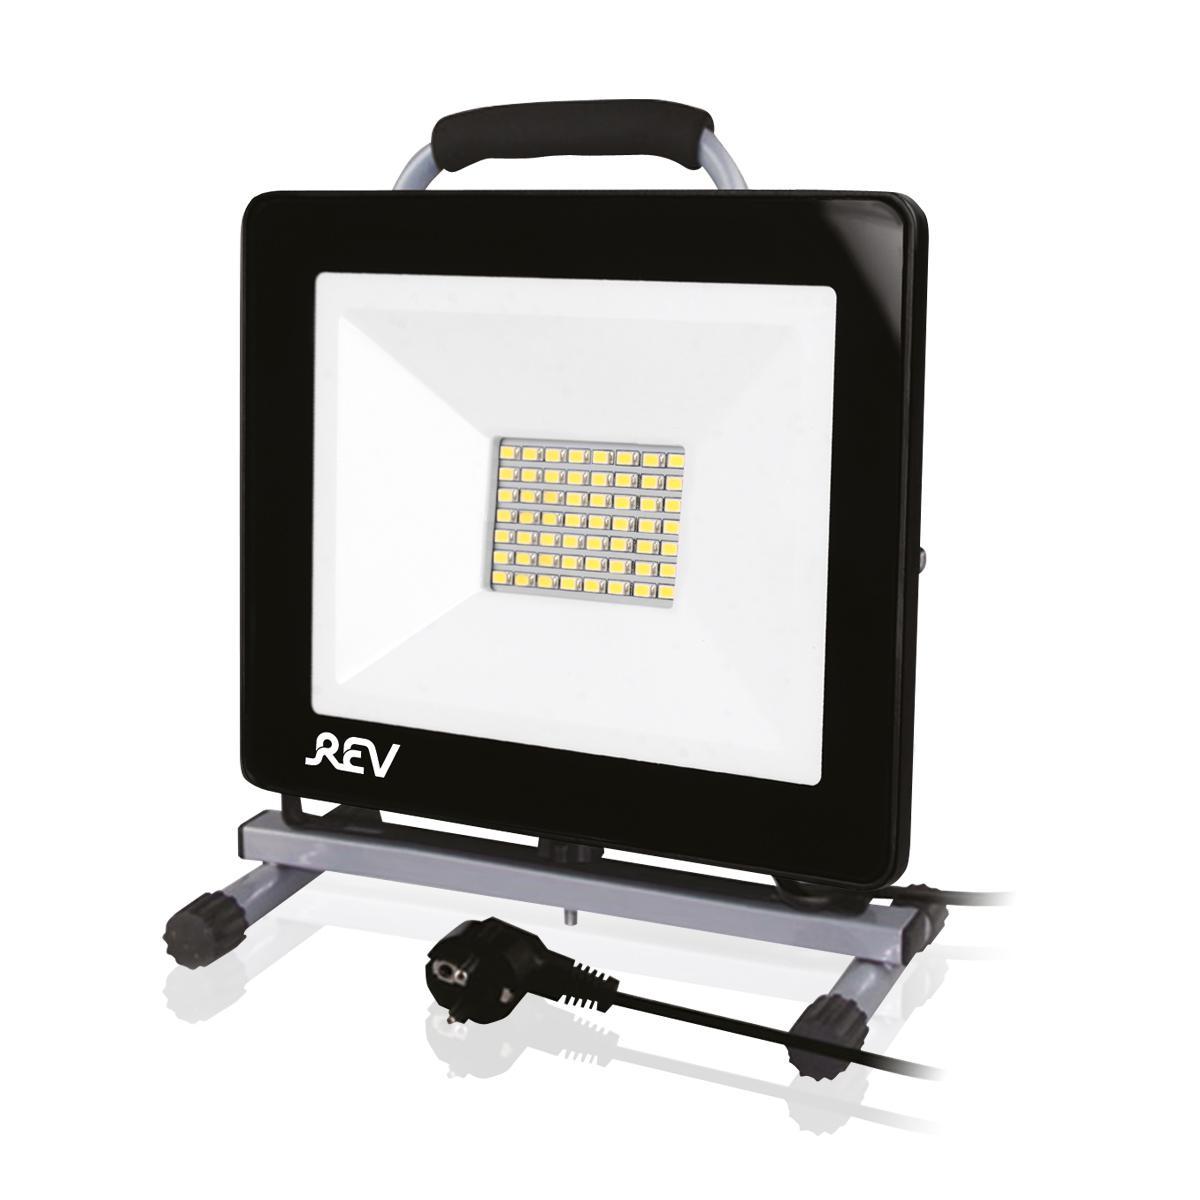 Прожектор светодиодный Rev ritter 32314 3 23 rev 30 women